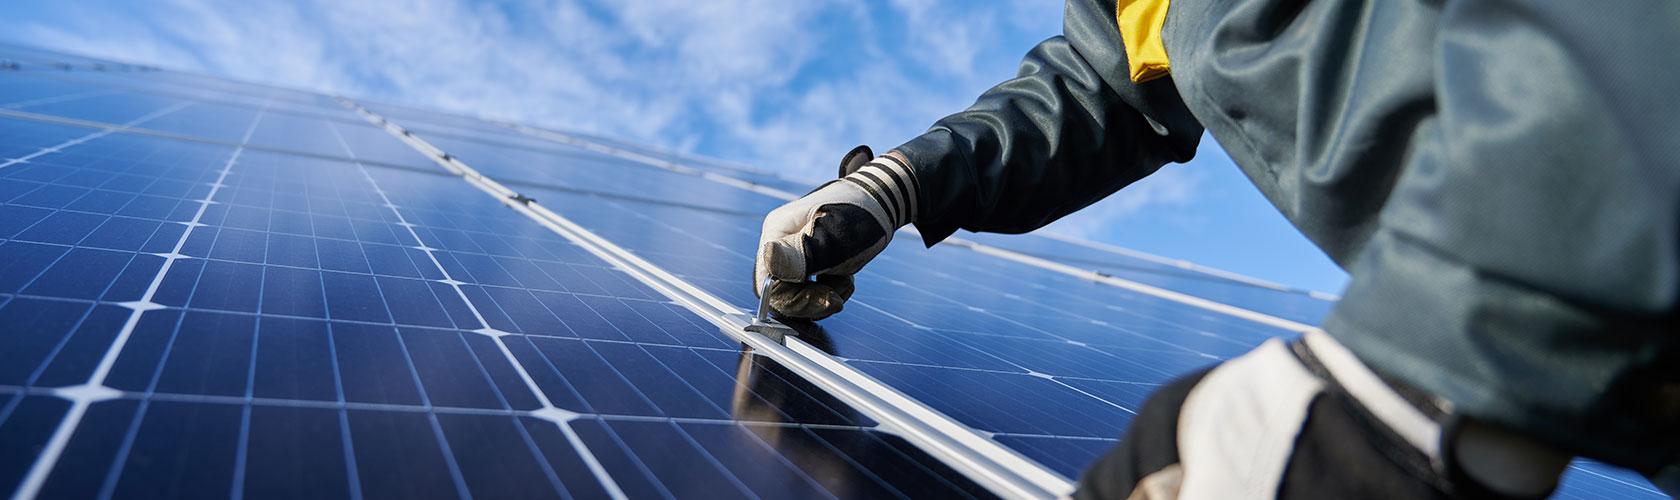 Energiedienstleistungen bei GEO Energie Ostalb